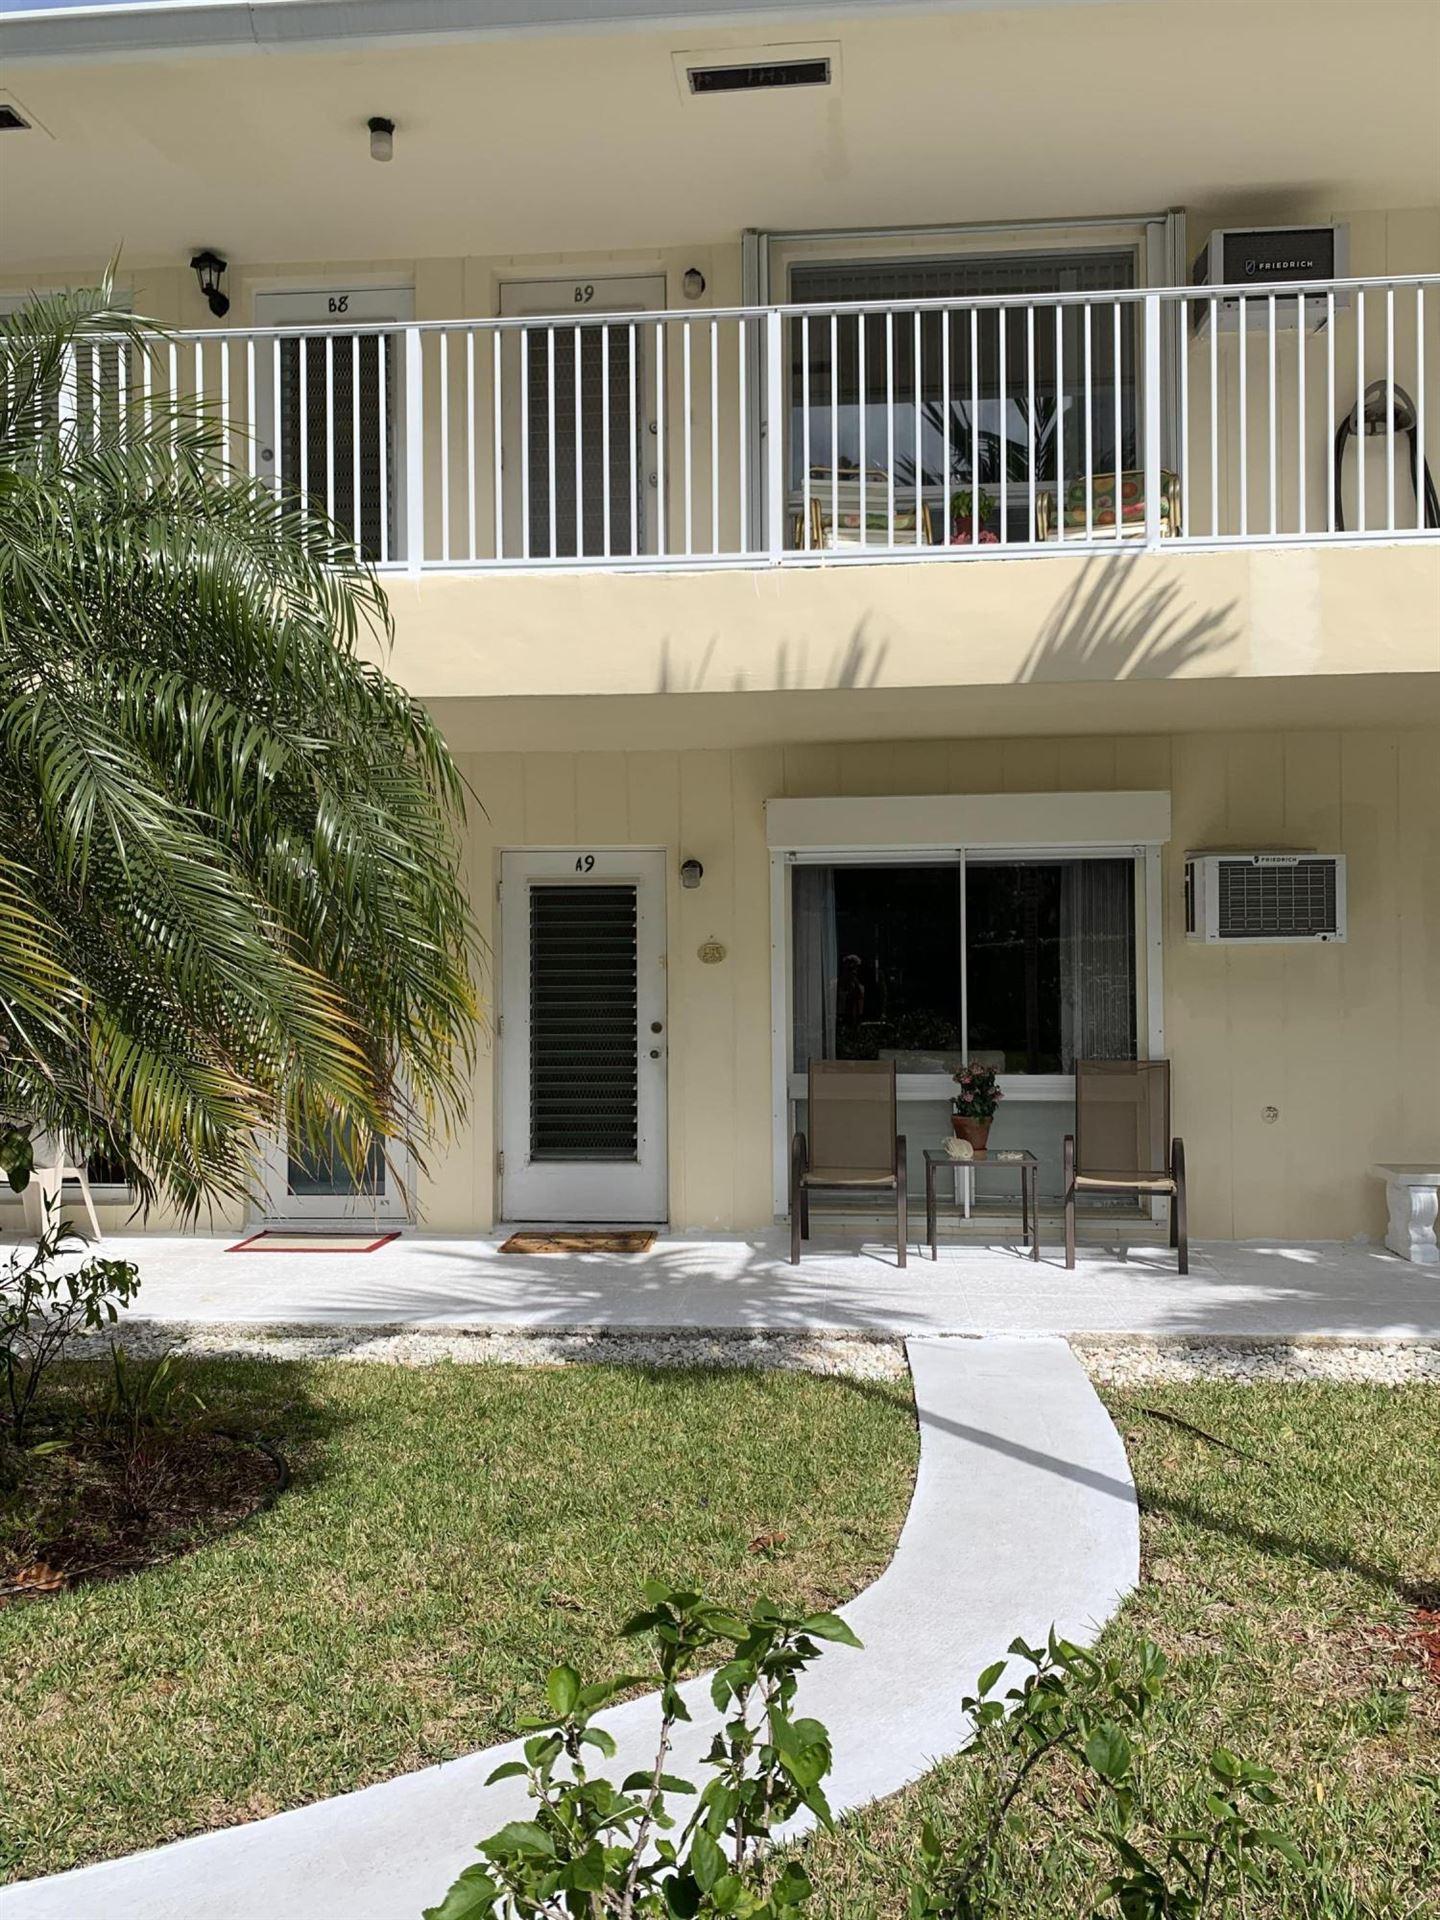 3201 SE 10th Street #A9, Pompano Beach, FL 33062 - #: RX-10606120